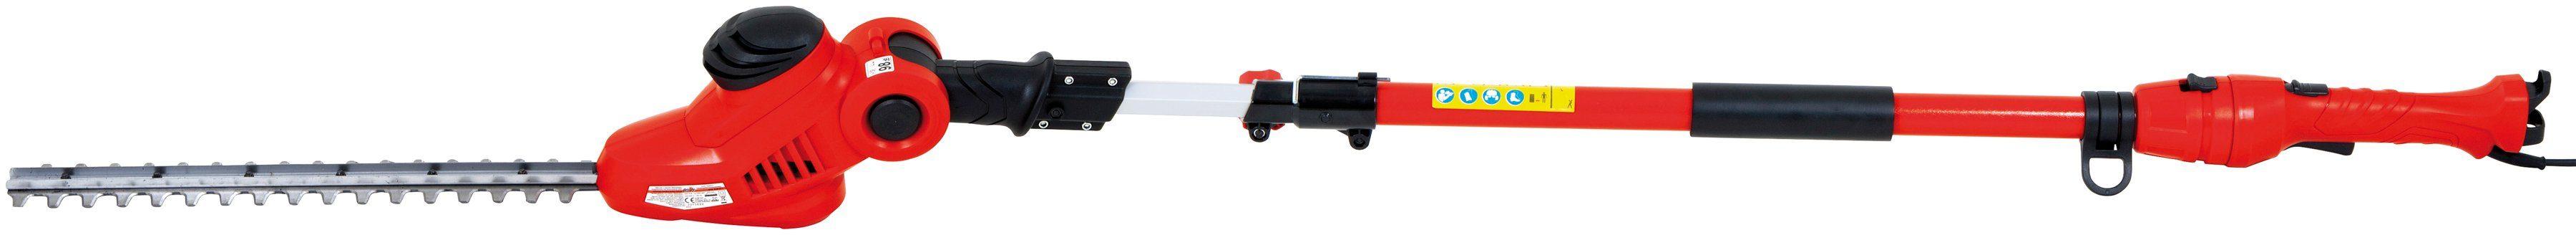 GRIZZLY Elektro-Heckenschere »EHS 460-2 T«, 41 cm Schnittlänge